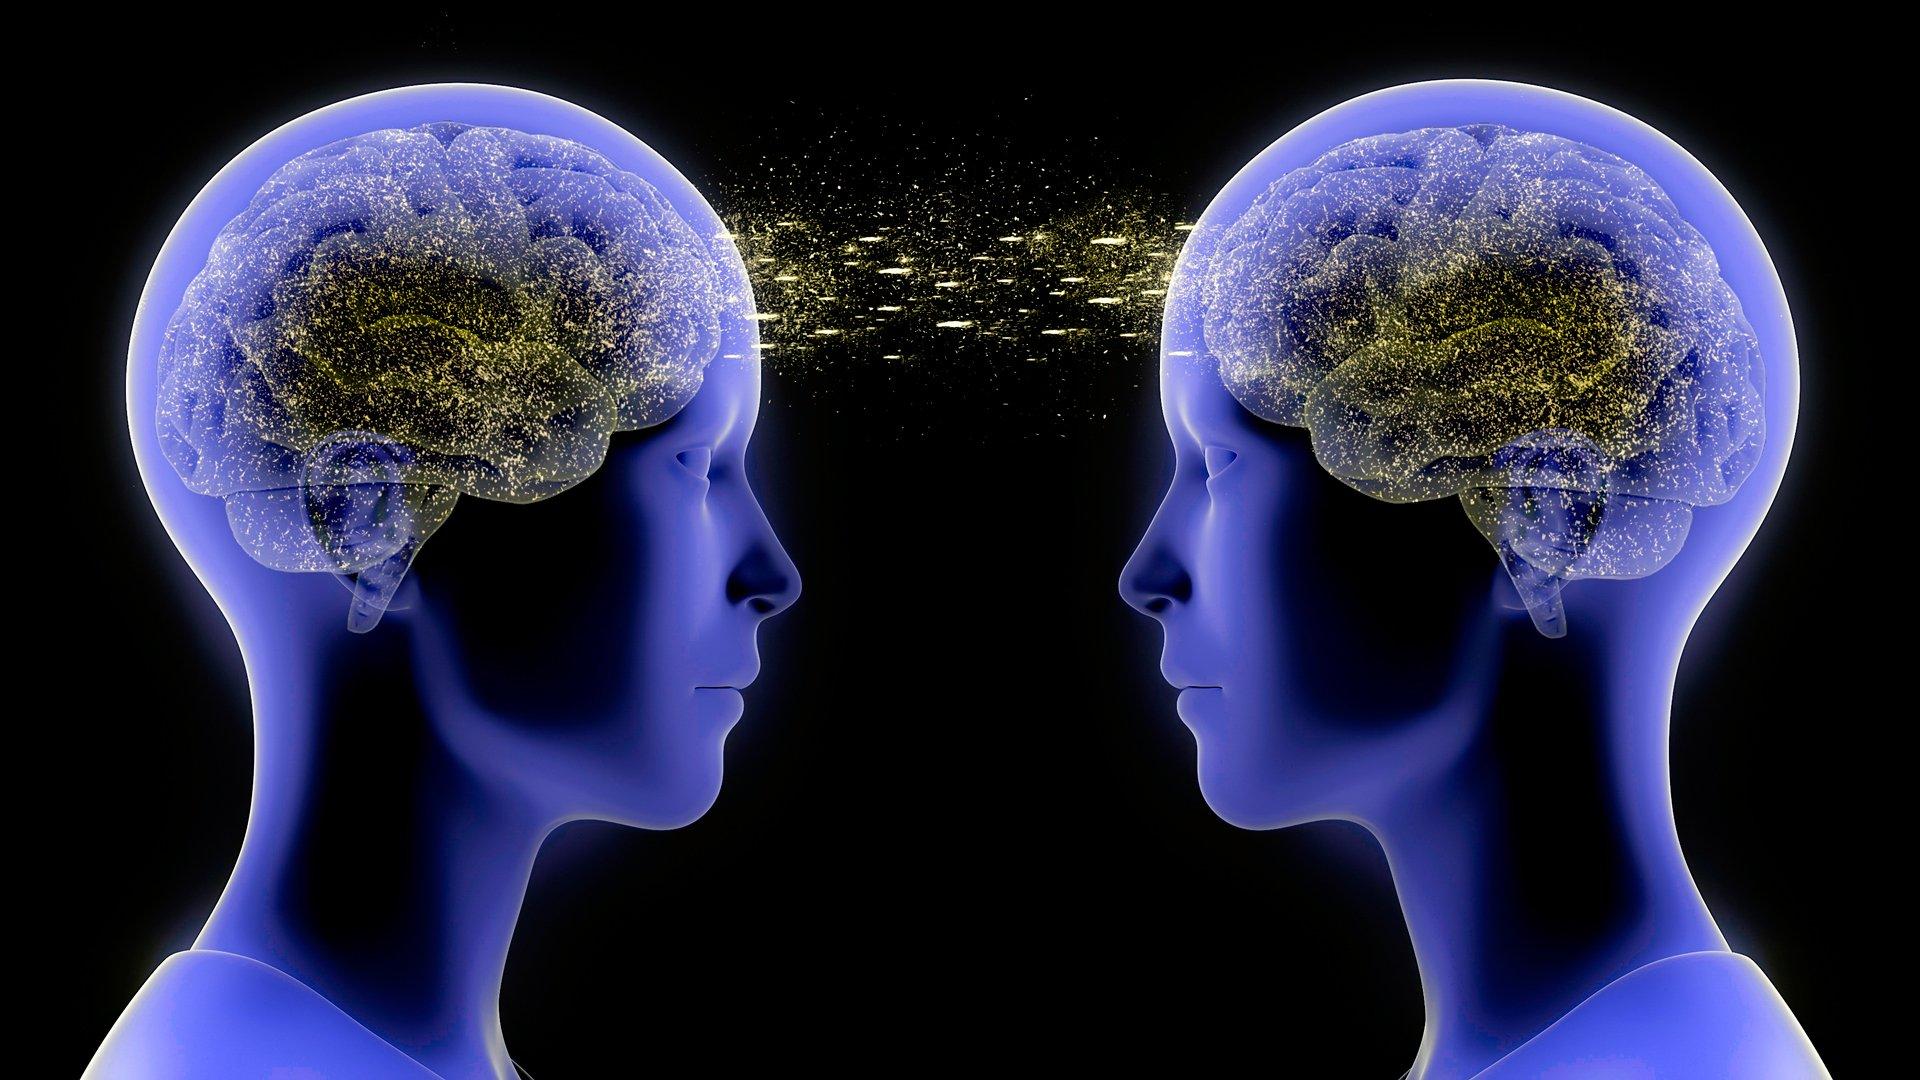 Descubren conexión telepática en los cerebros humanos